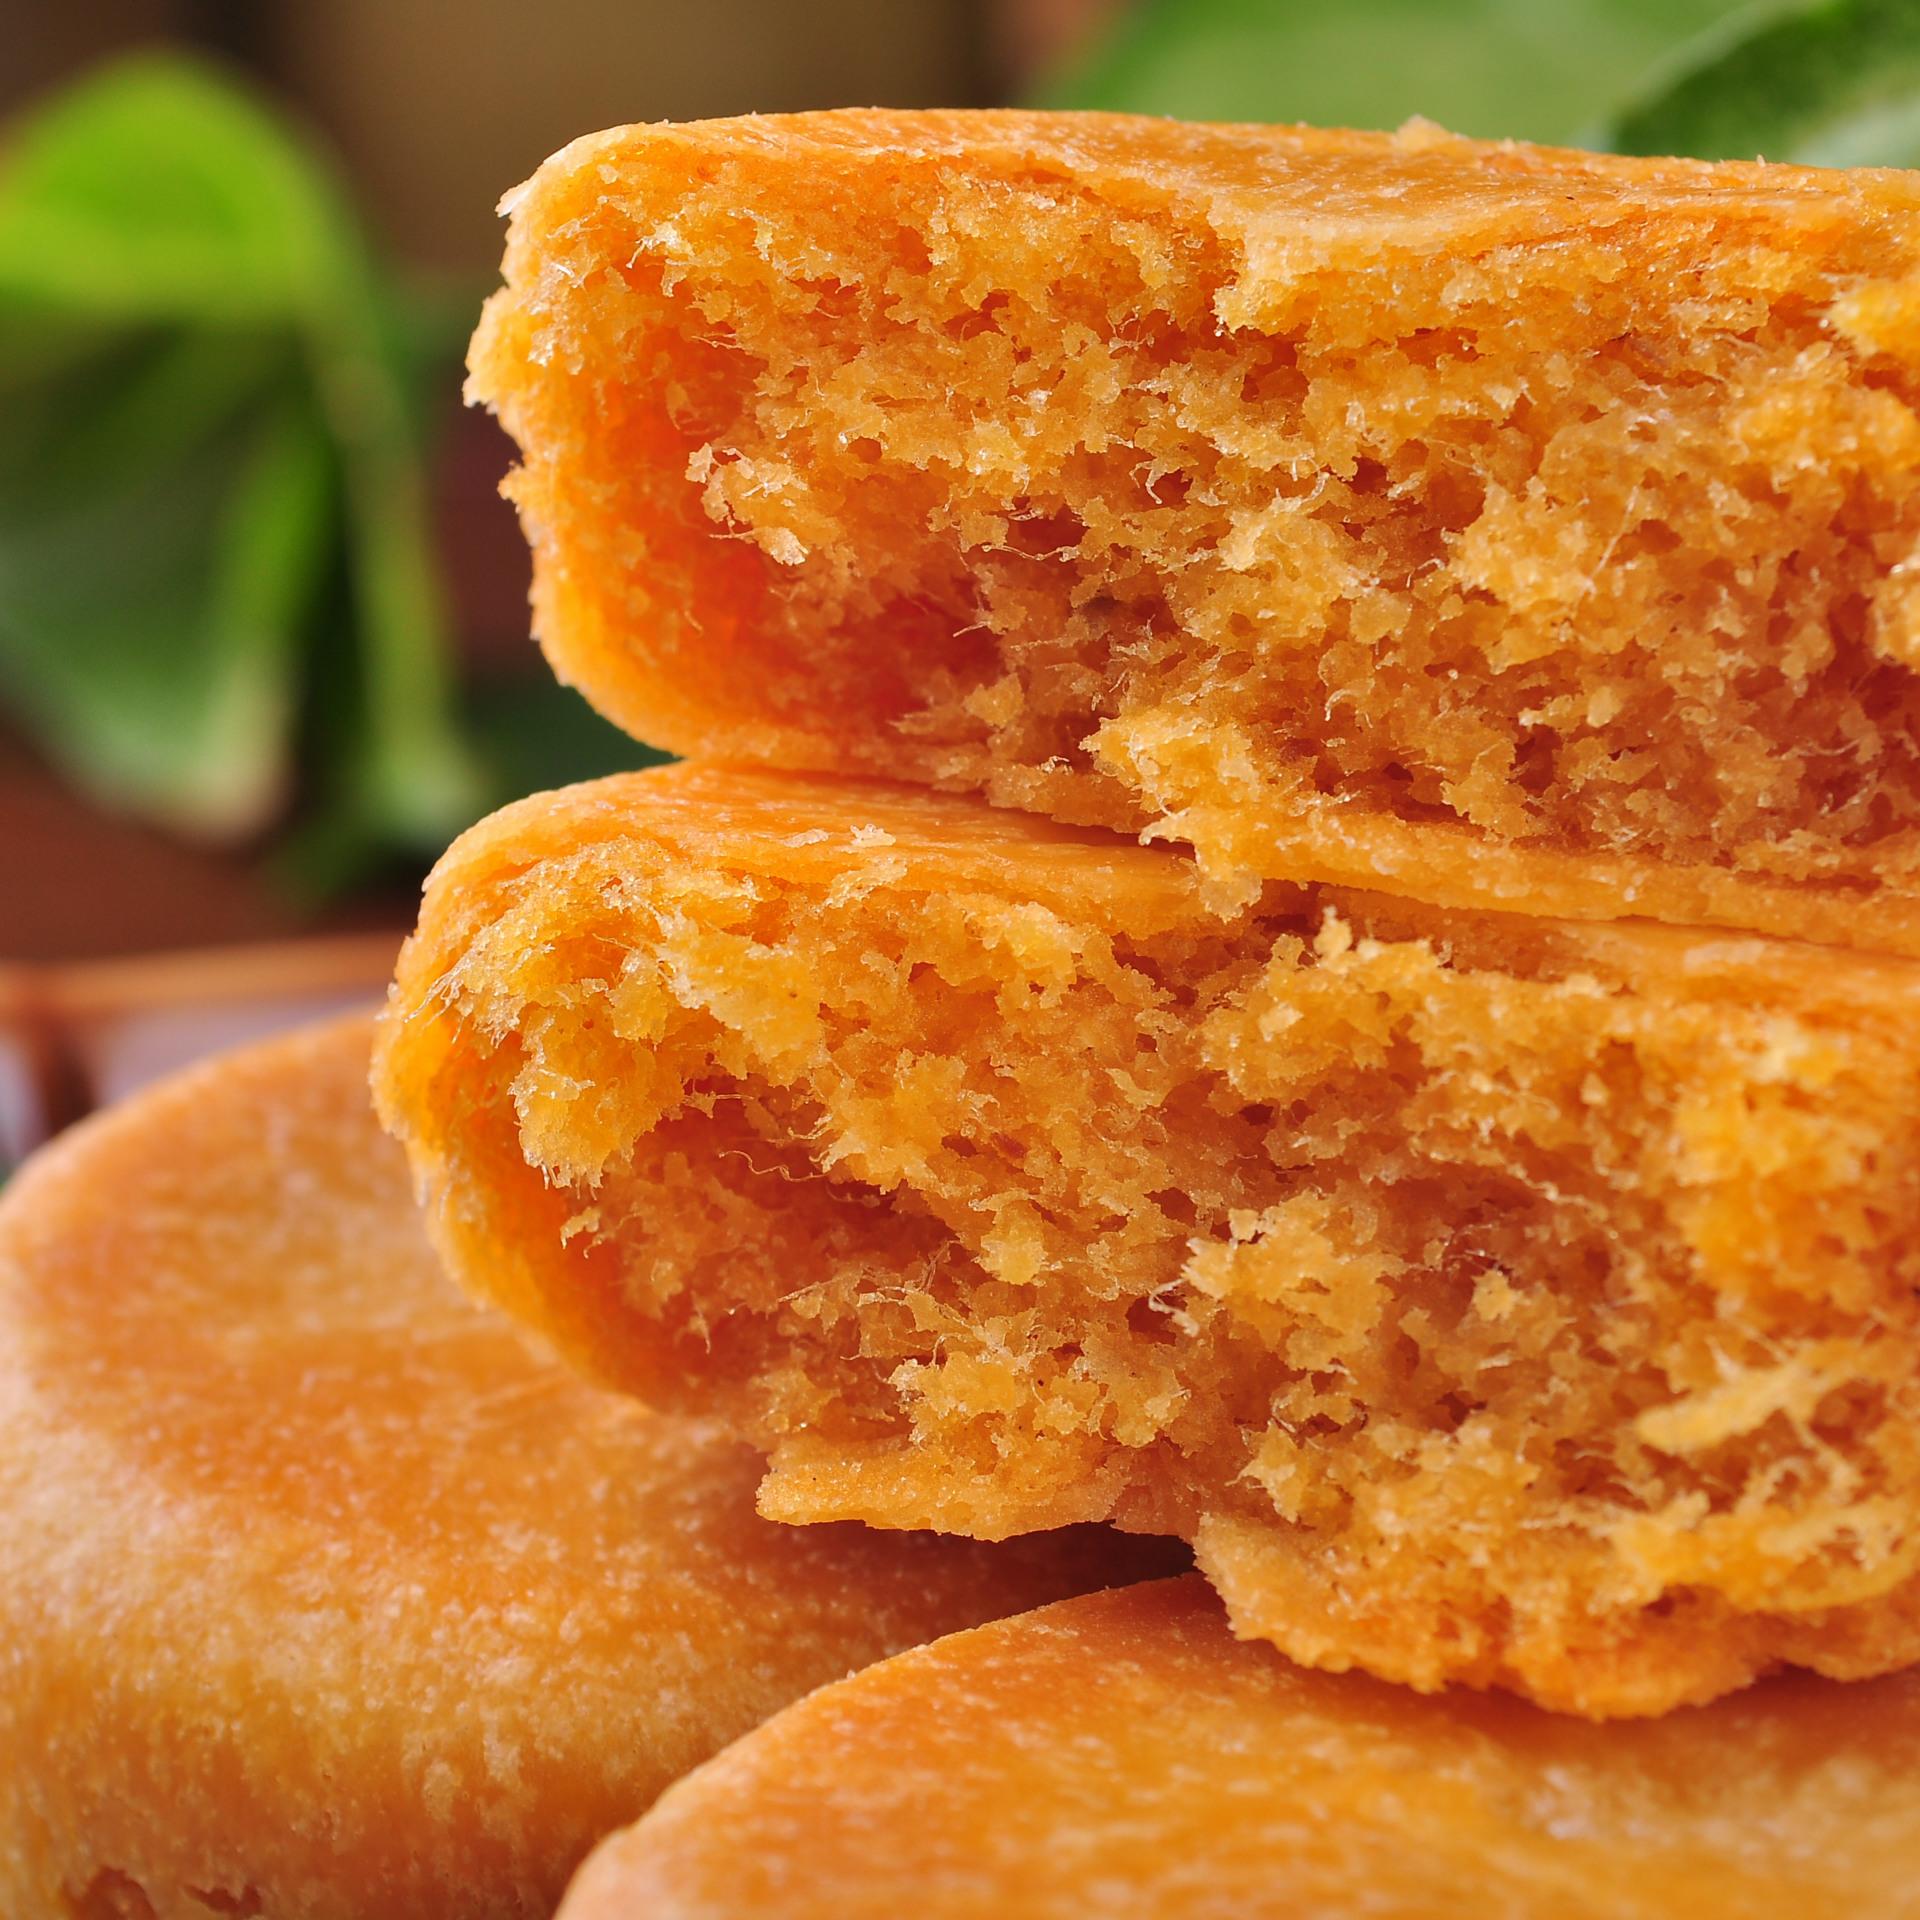 【整箱约72个】糕点福建事件小吃特产饼传统年货原味零食品江西绝味鸭脖曝光肉松图片